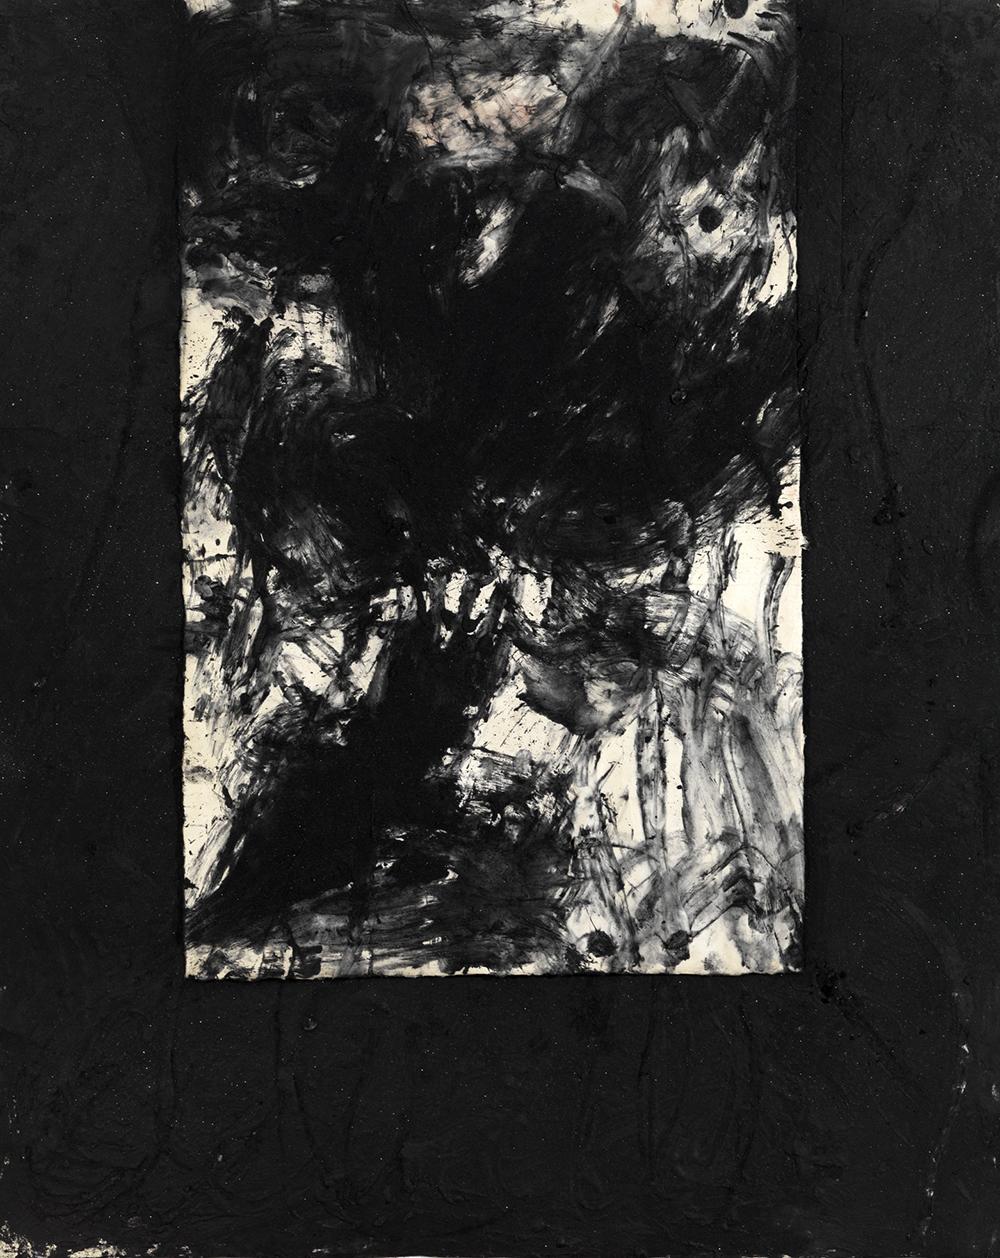 Senza titolo, 2007, sabbia vulcanica, ossido di ferro e carbone su carta, cm 174x140